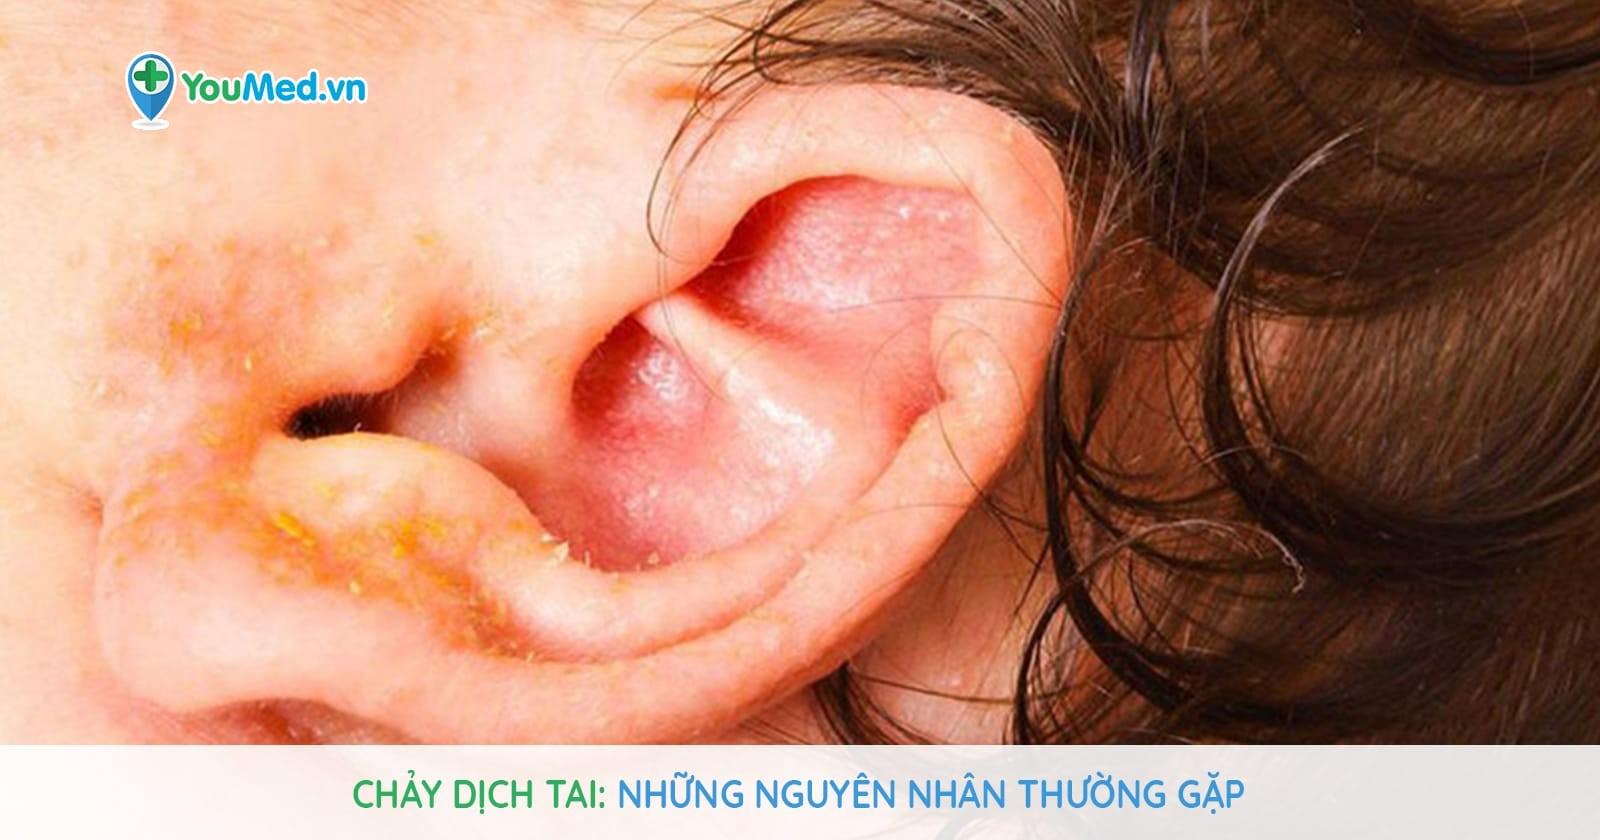 Chảy dịch tai: Những nguyên nhân thường gặp